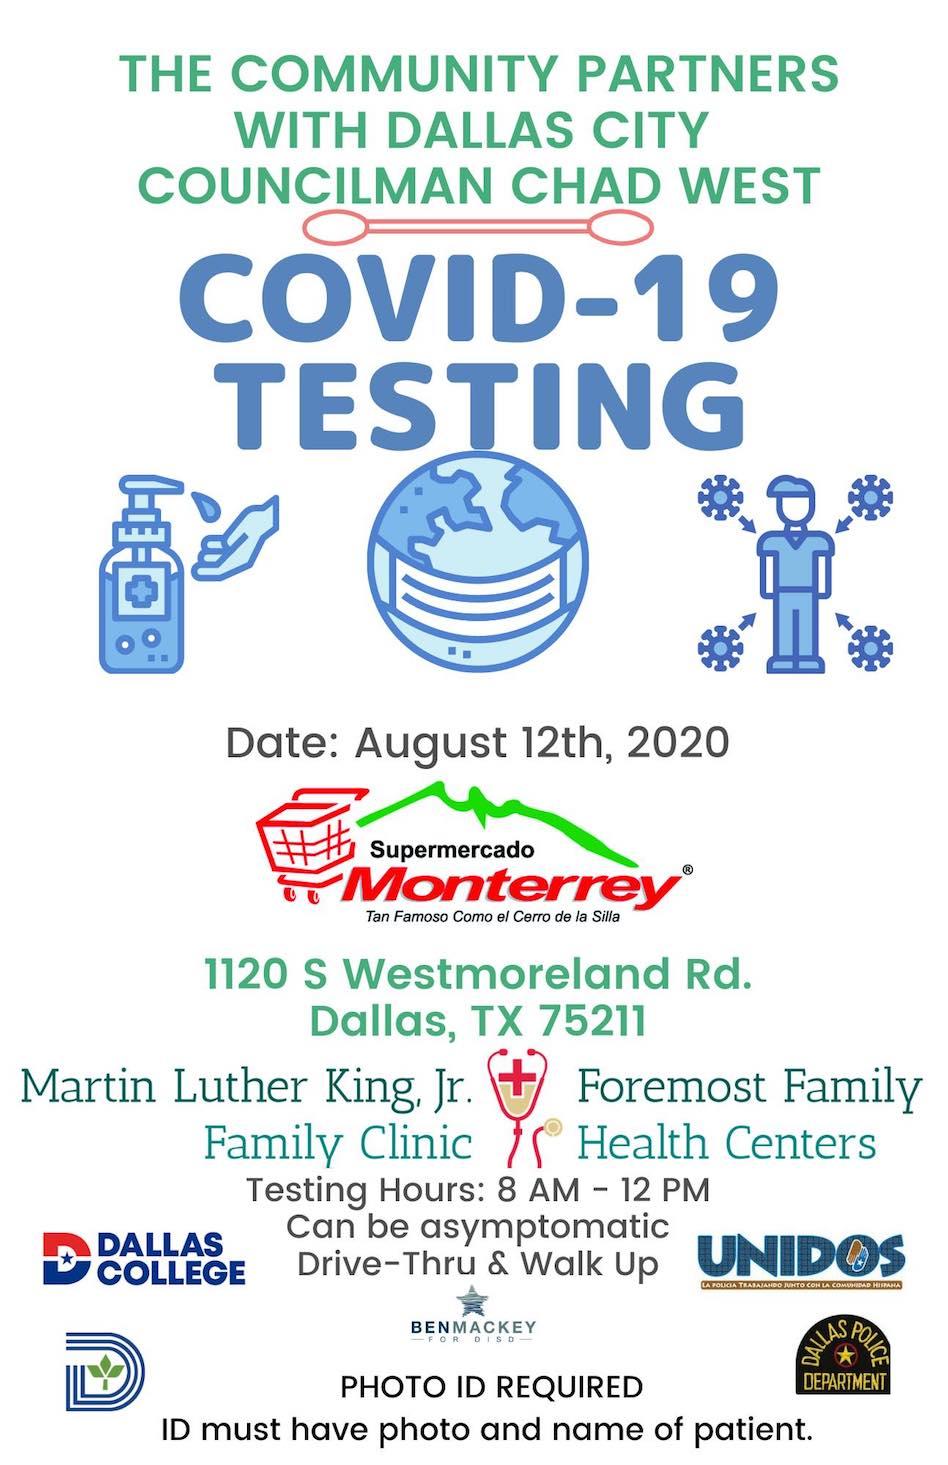 COVID-19 testing offered in Oak Cliff - Dallas Voice